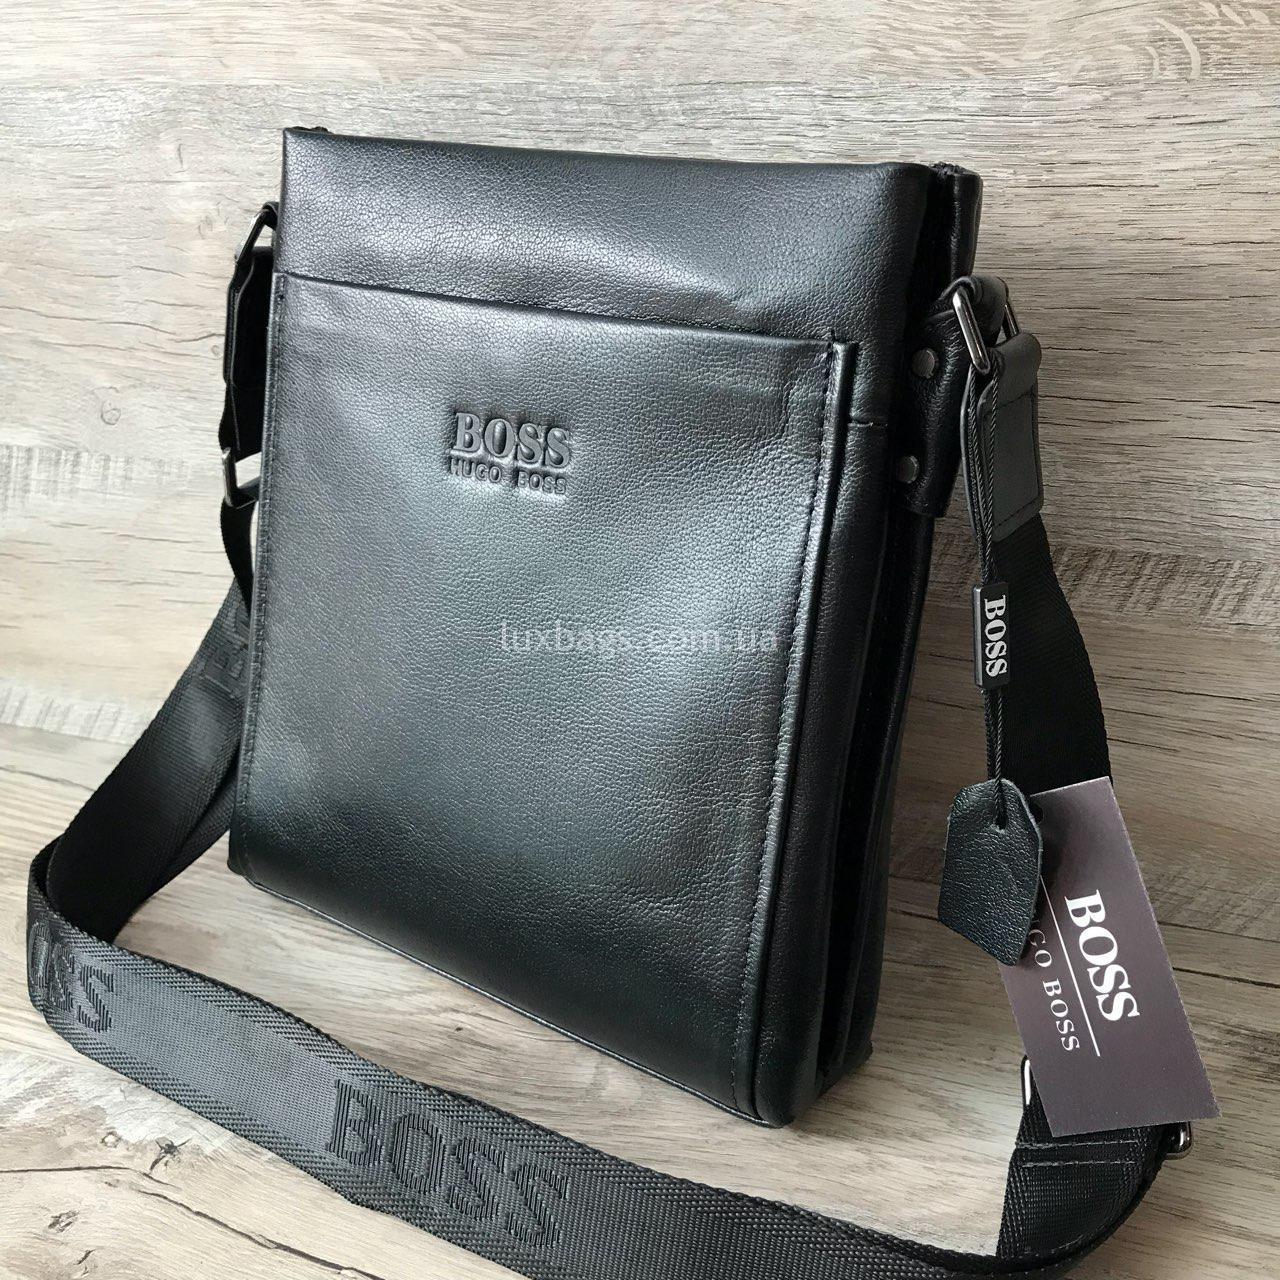 84382d6bc744 Мужская сумка Hugo Boss (Хьюго Босс) Купить Недорого | lux-bags